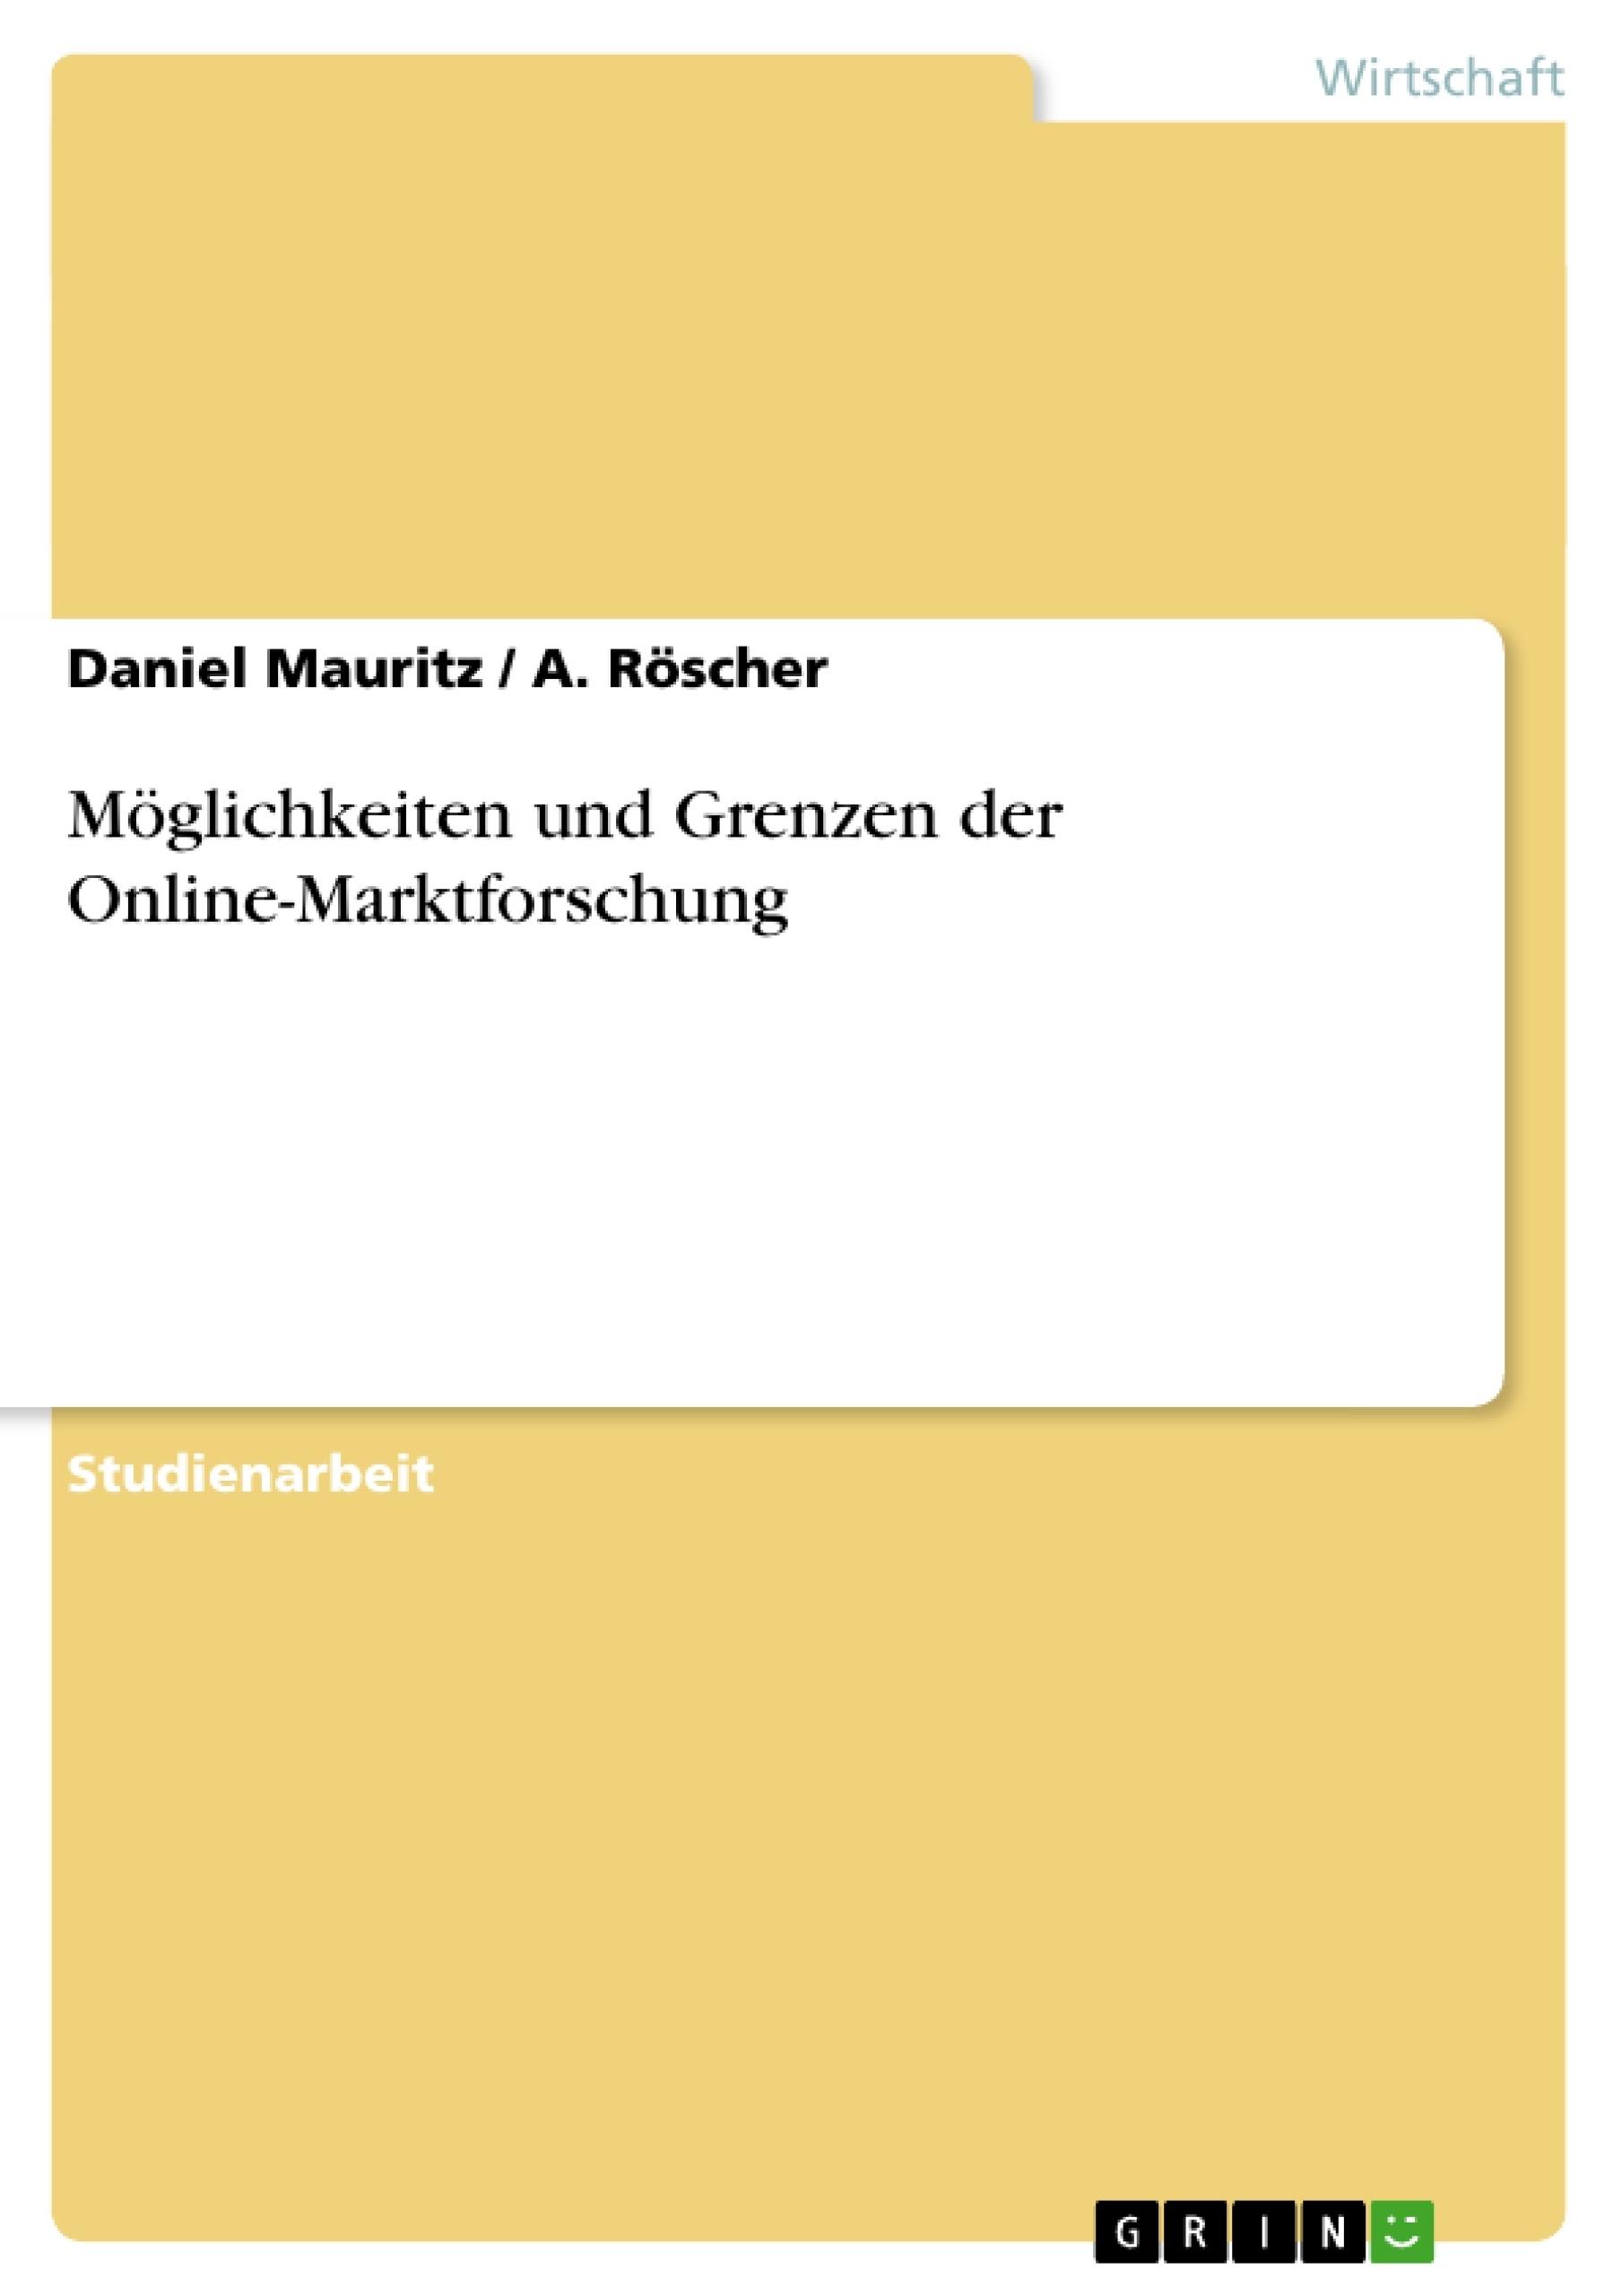 Titel: Möglichkeiten und Grenzen der Online-Marktforschung